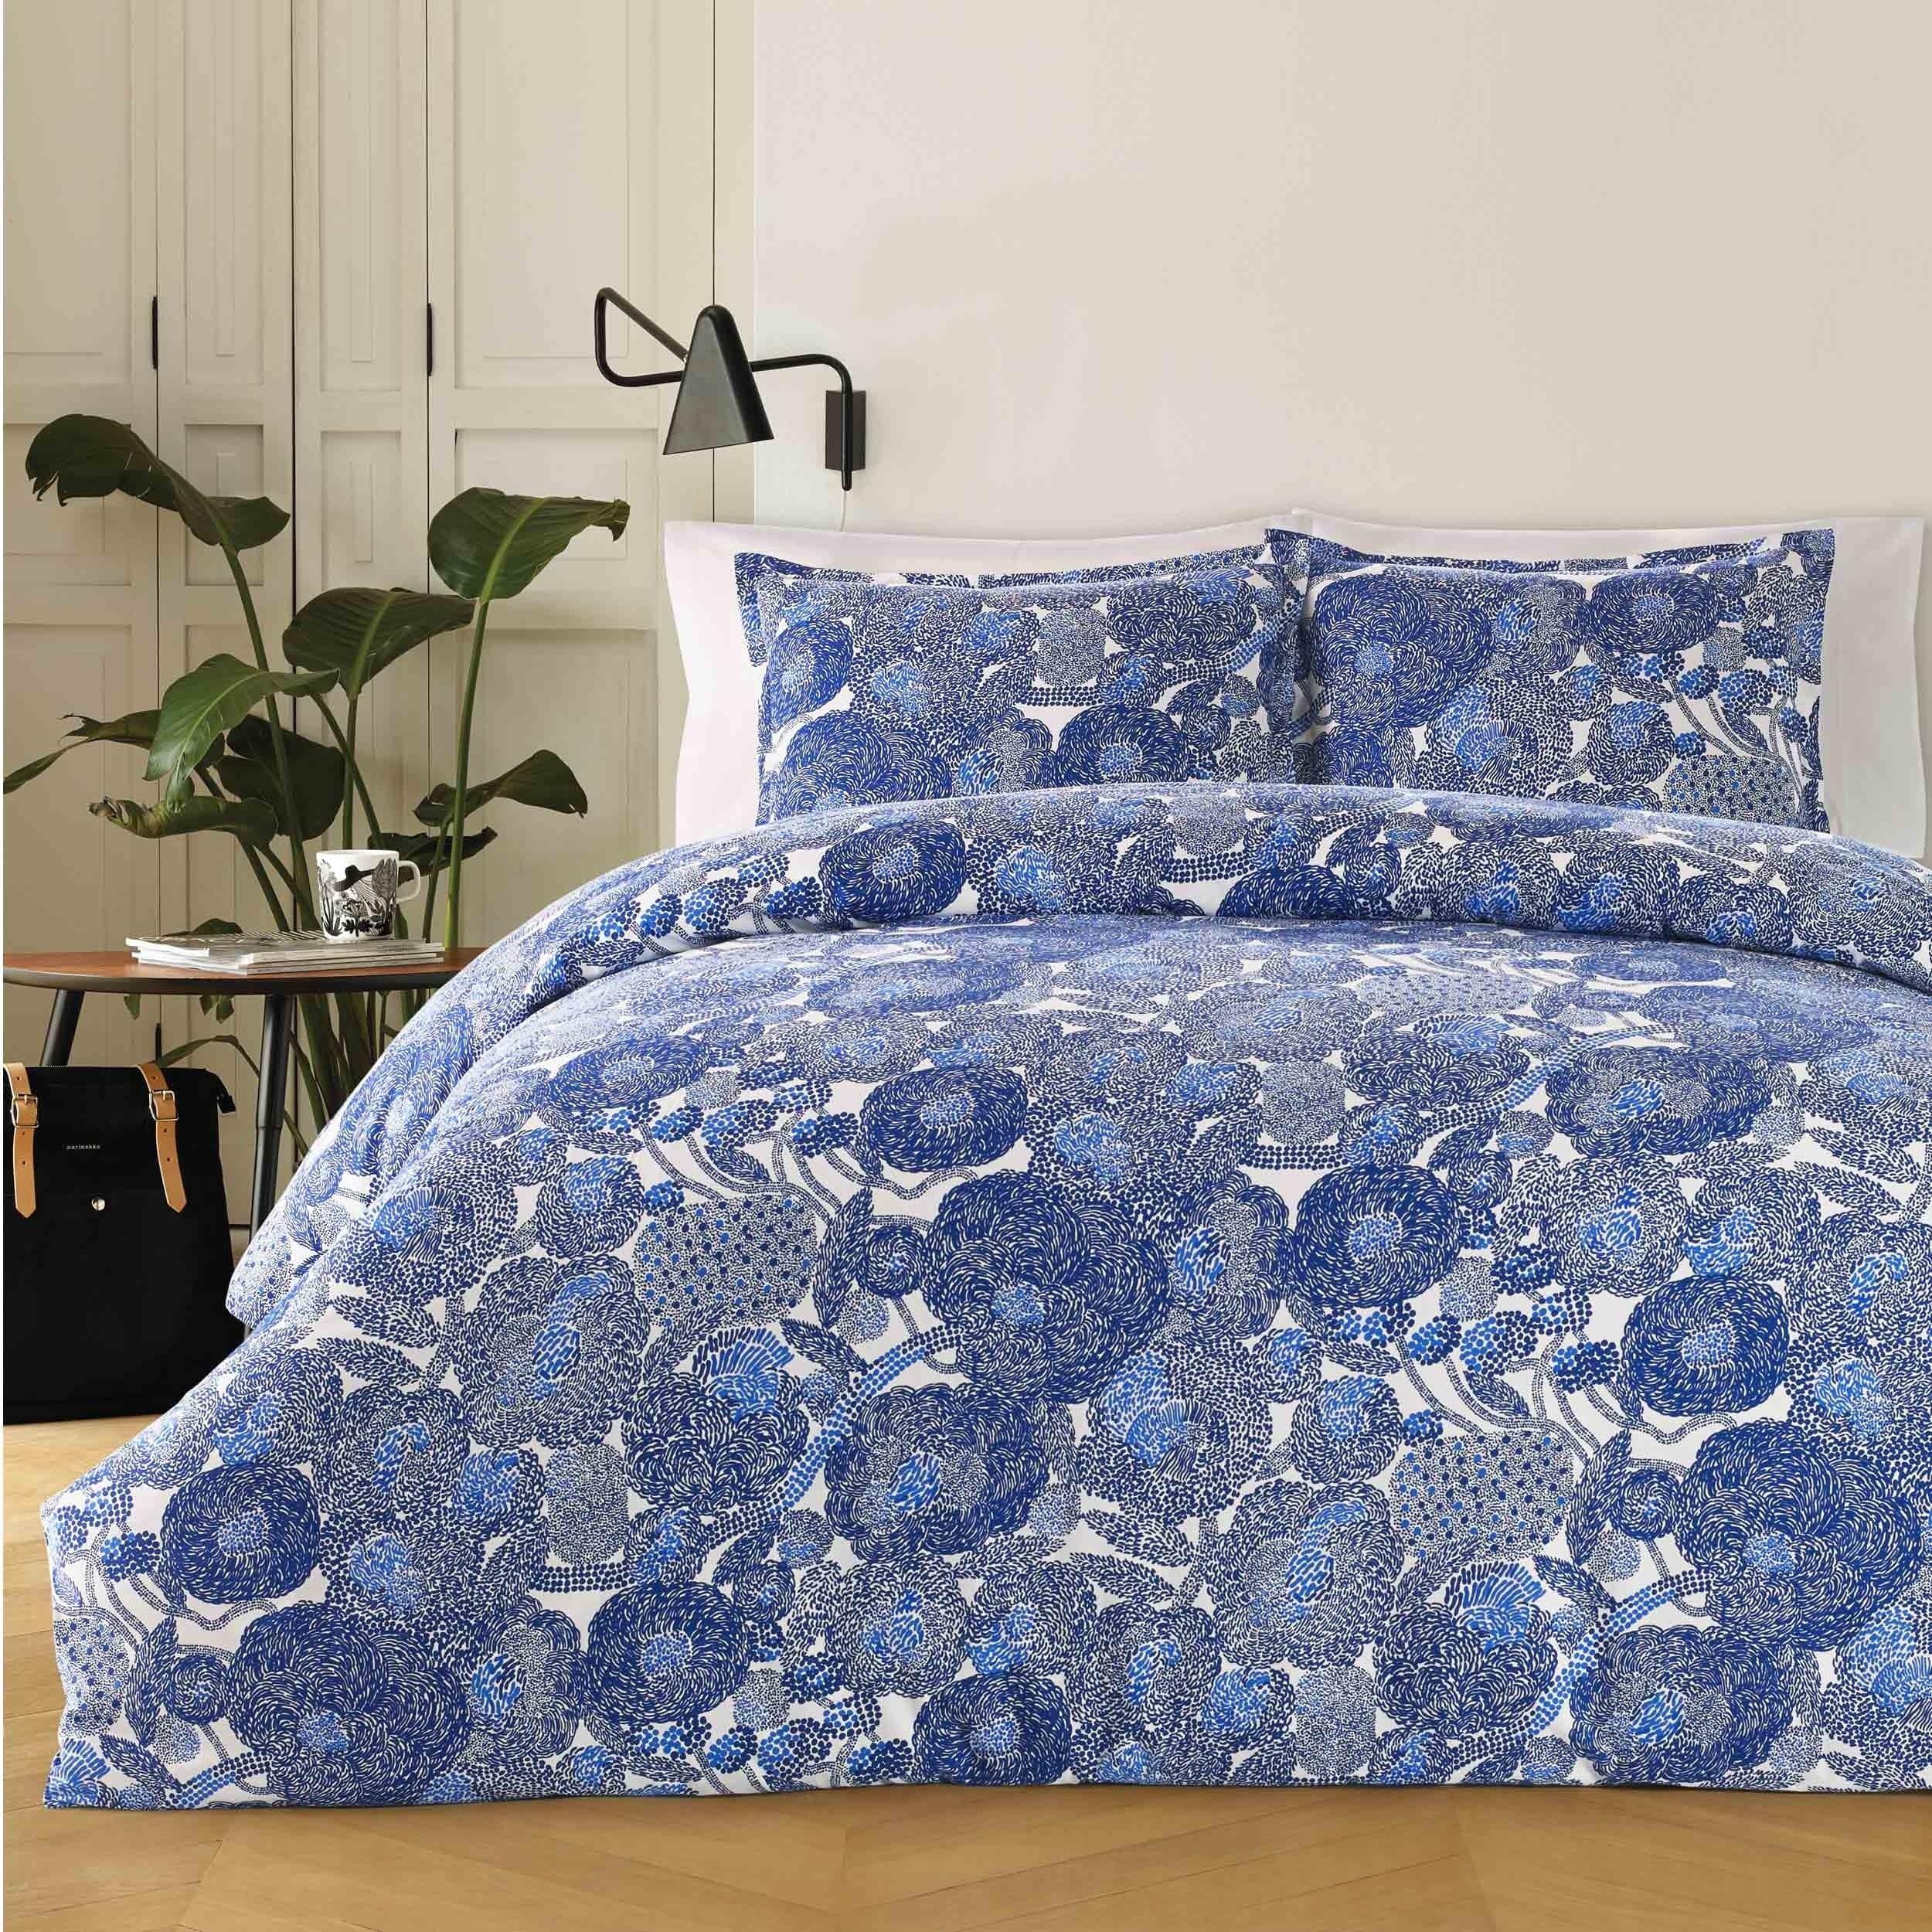 bedding nfl co jaguars sets anthem components marimekko oversized for bed tokida king comforter northwest